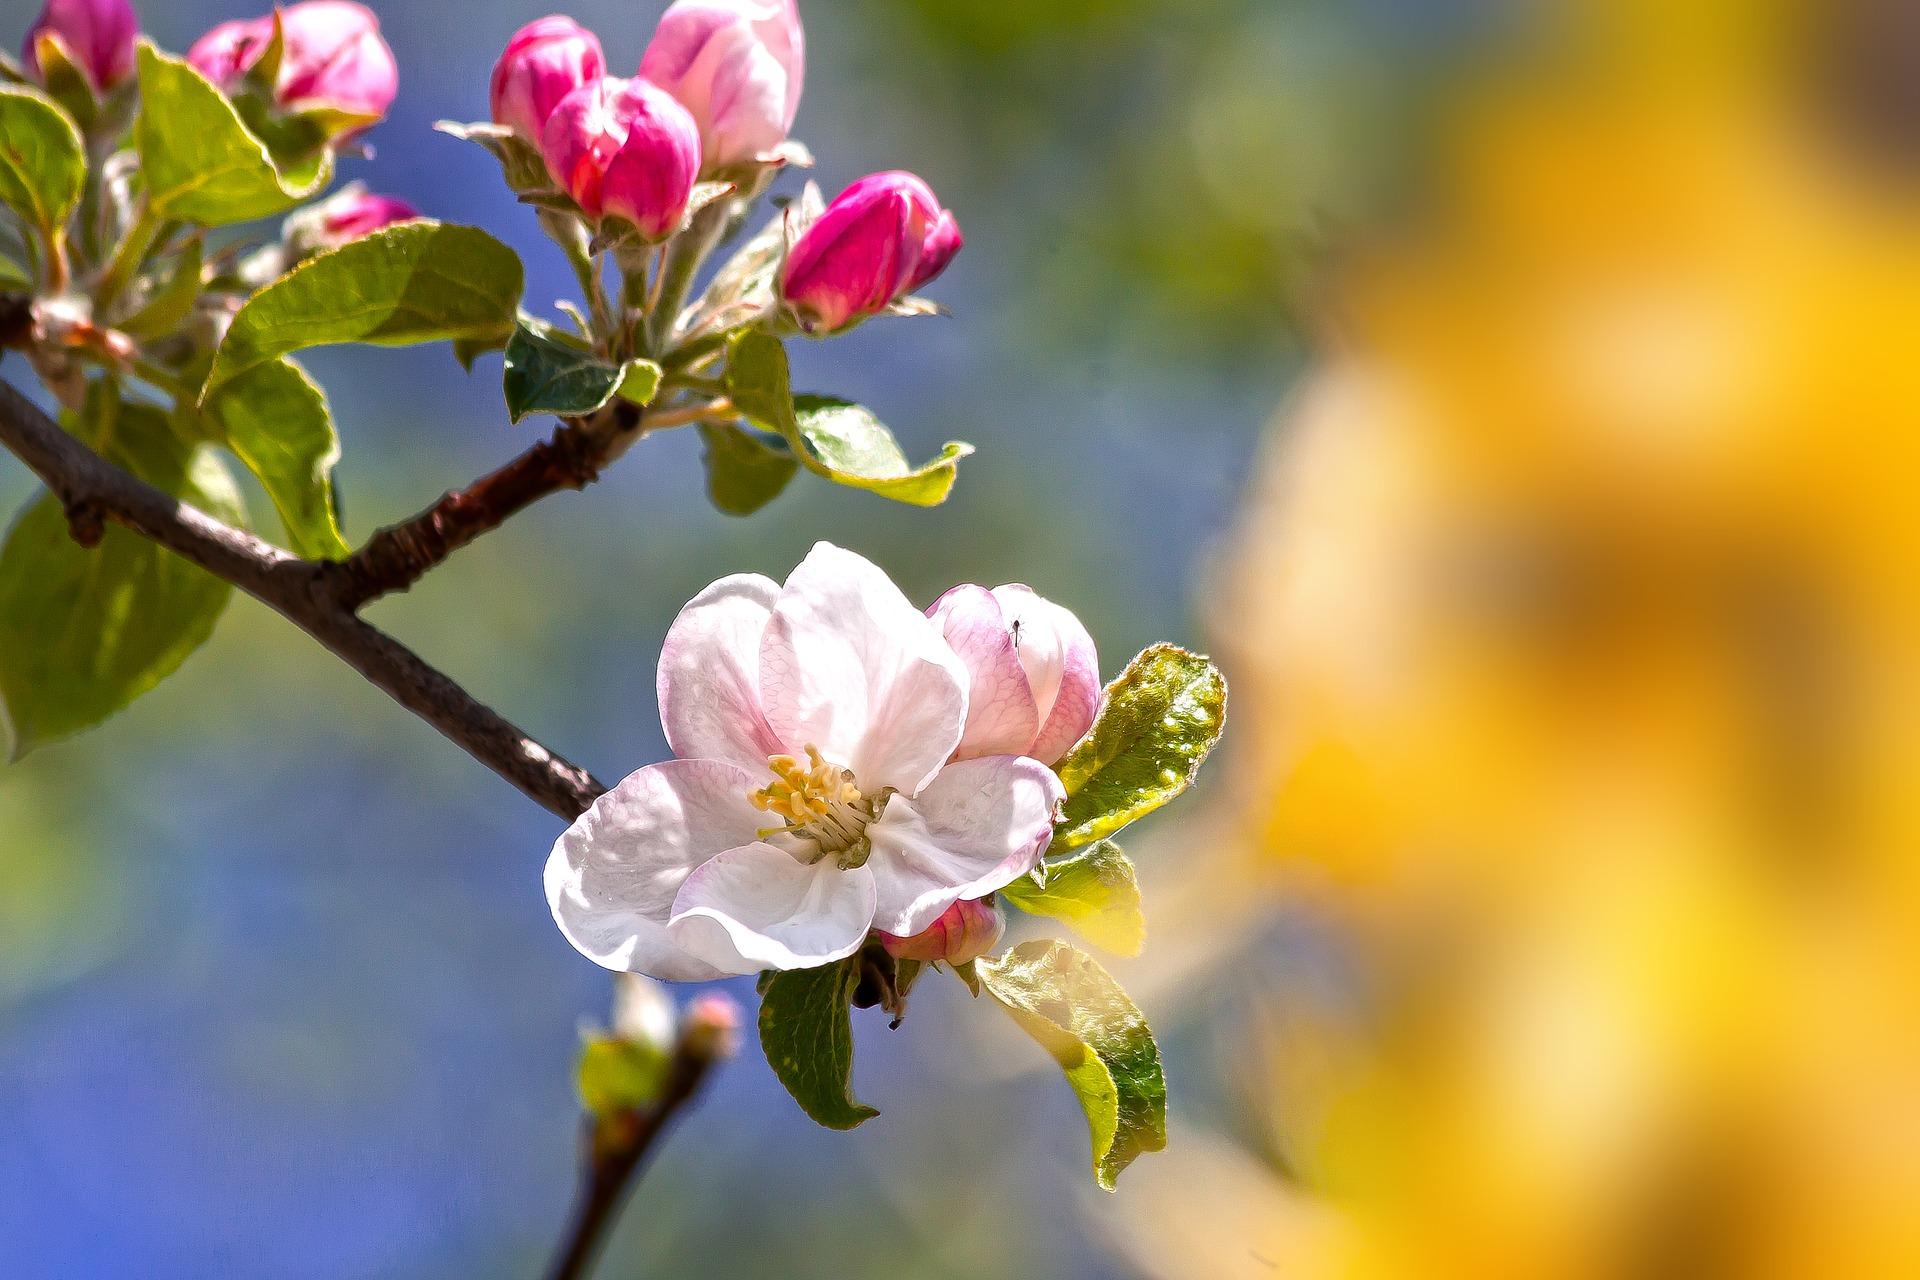 apple-blossom-4131785_1920_1556129993340.jpg